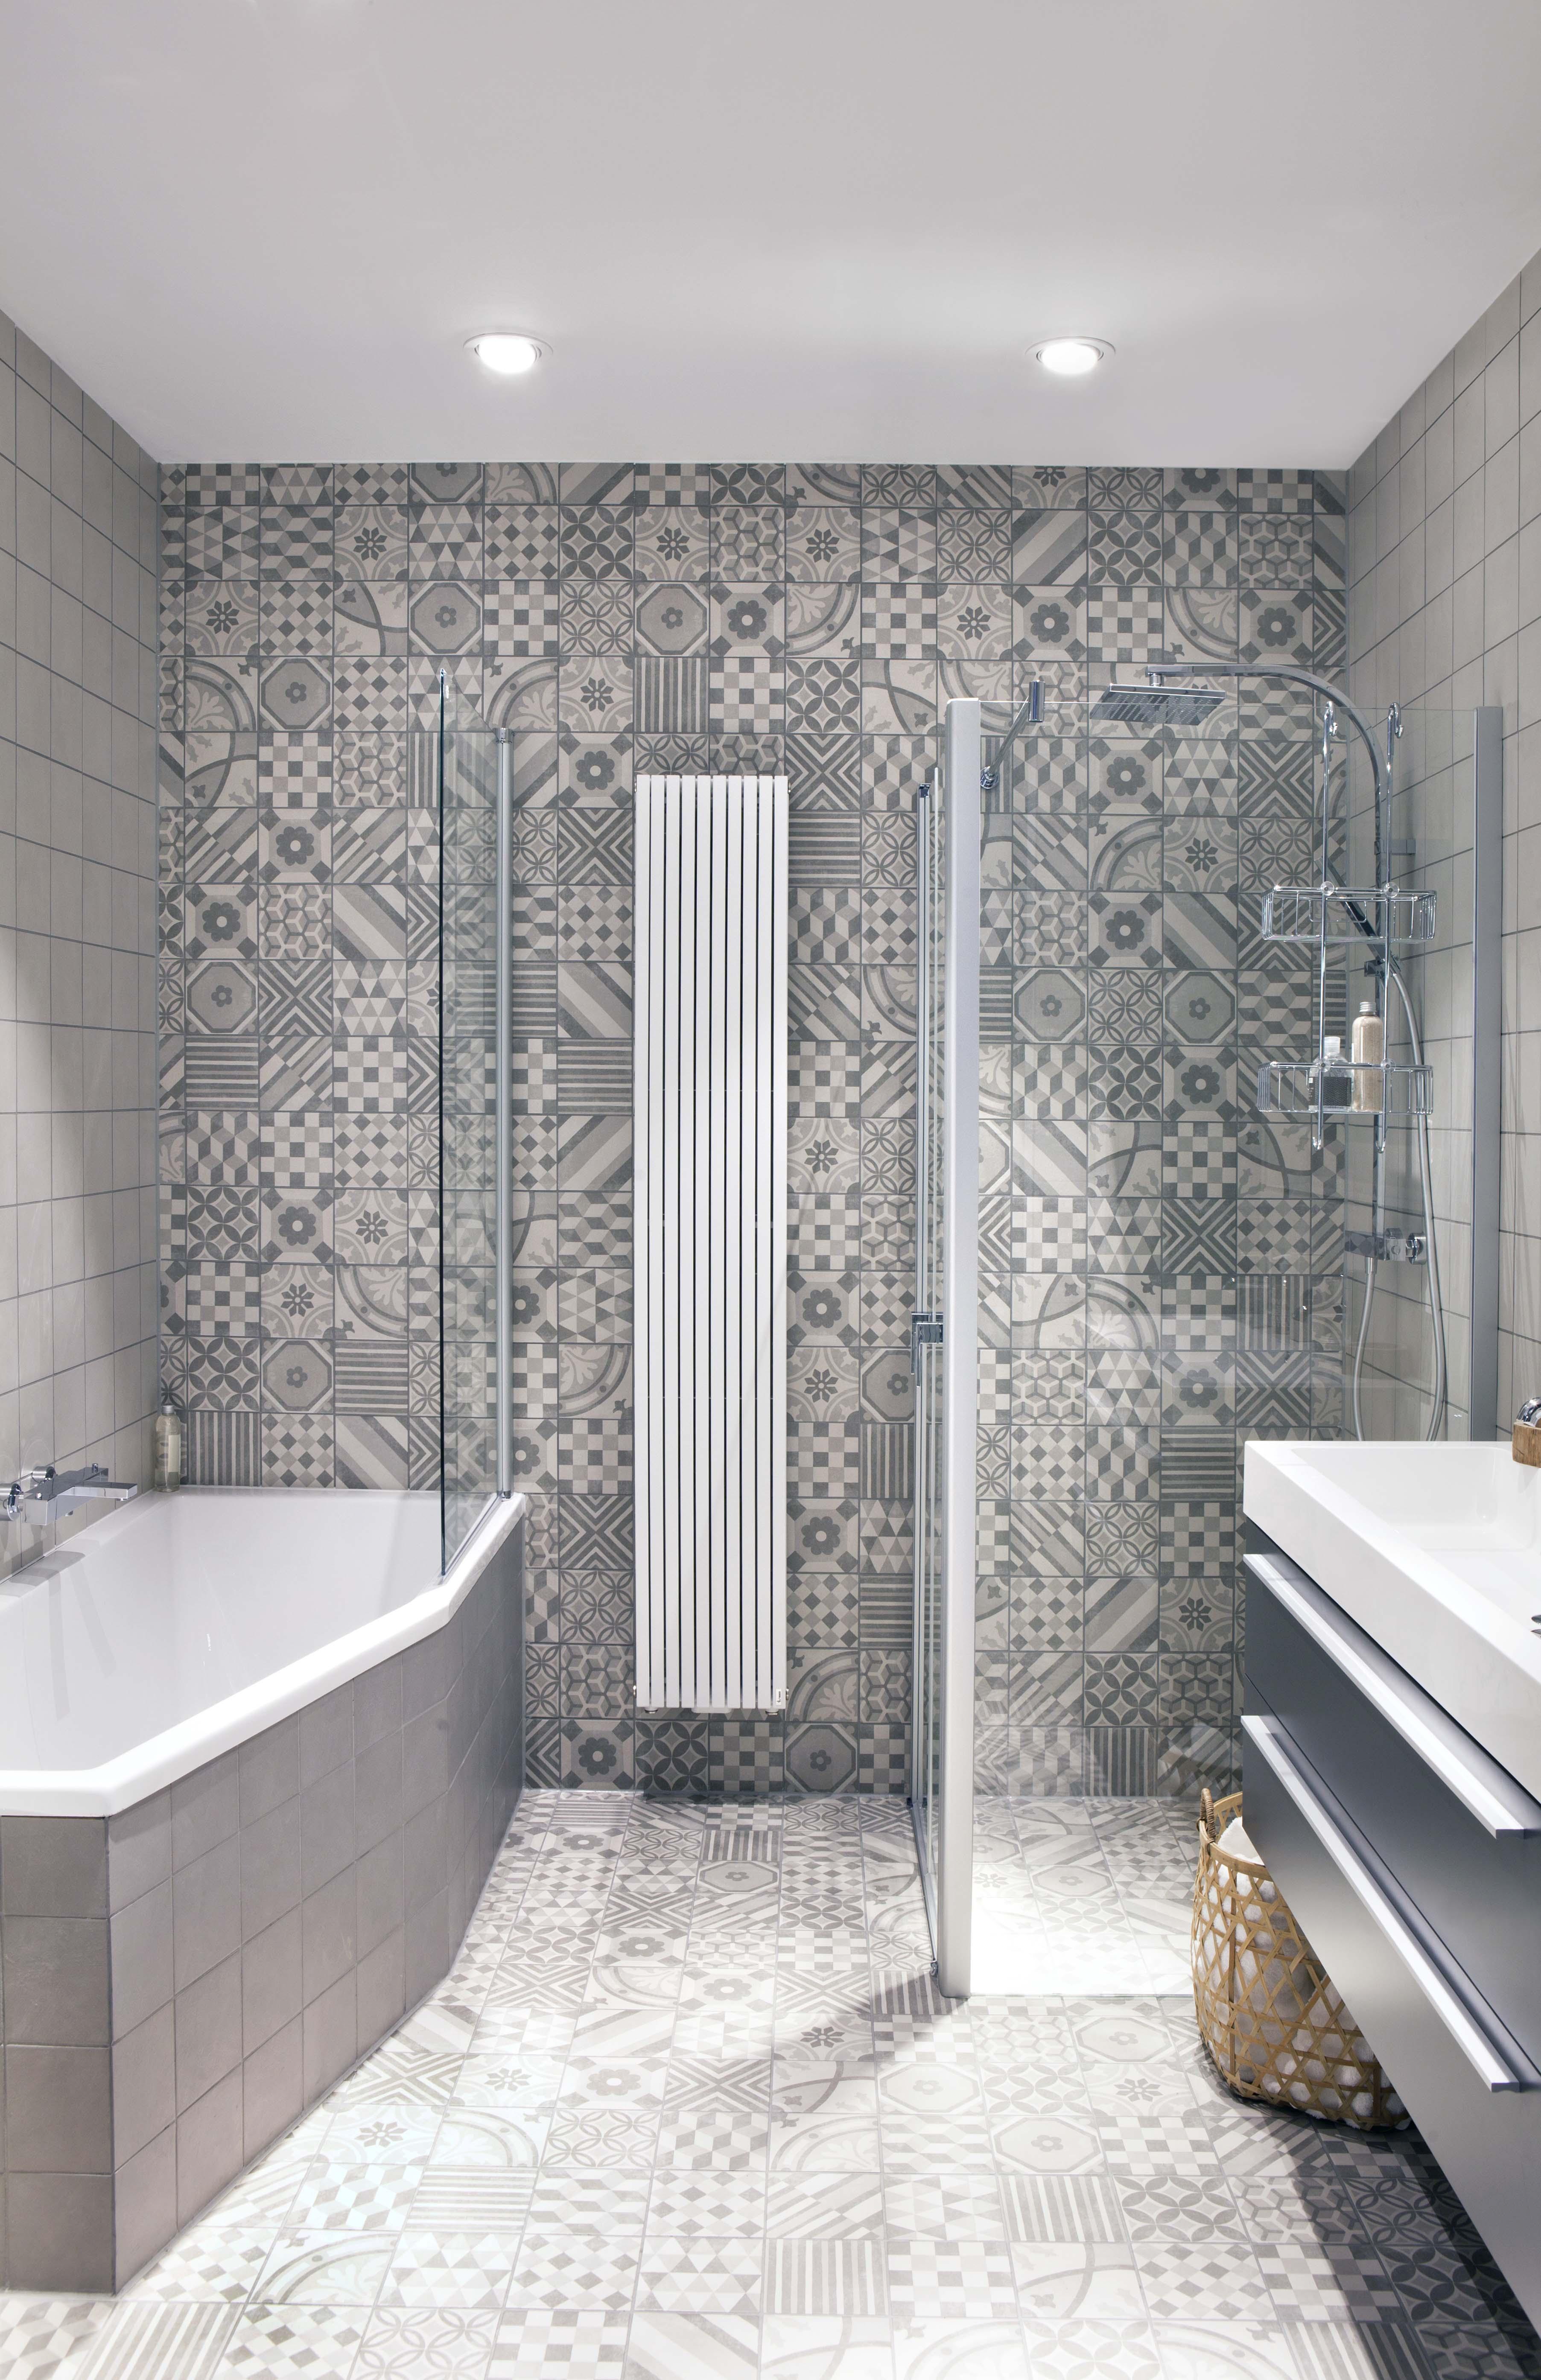 Geliefde Kleine badkamer voorbeelden Archieven - Kleine badkamers &CV66